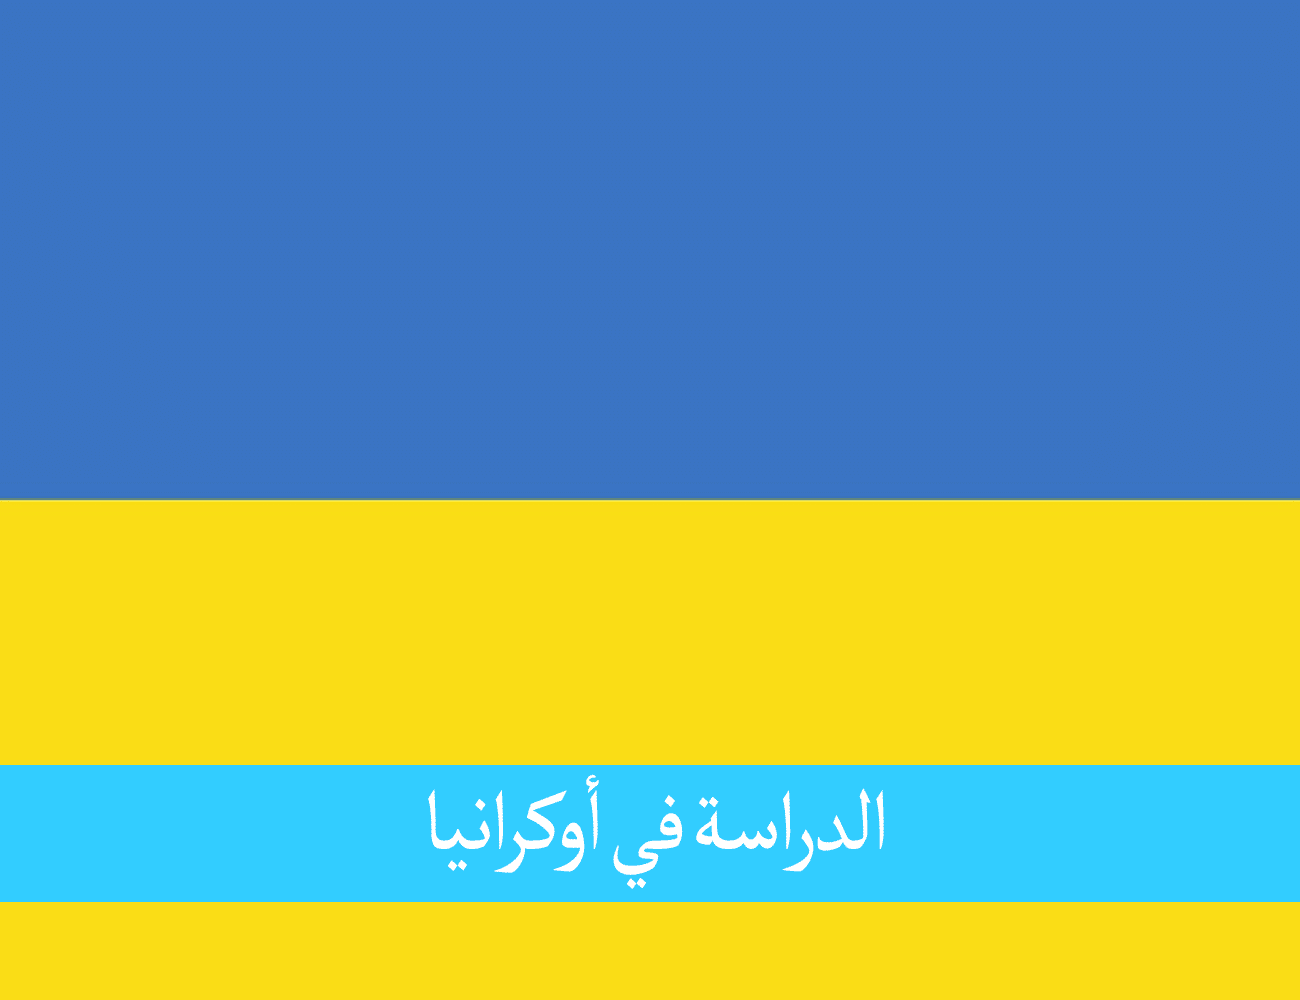 الدراسة في أوكرانيا للمغاربة طريق تلقي تعليم أوروبي جيد